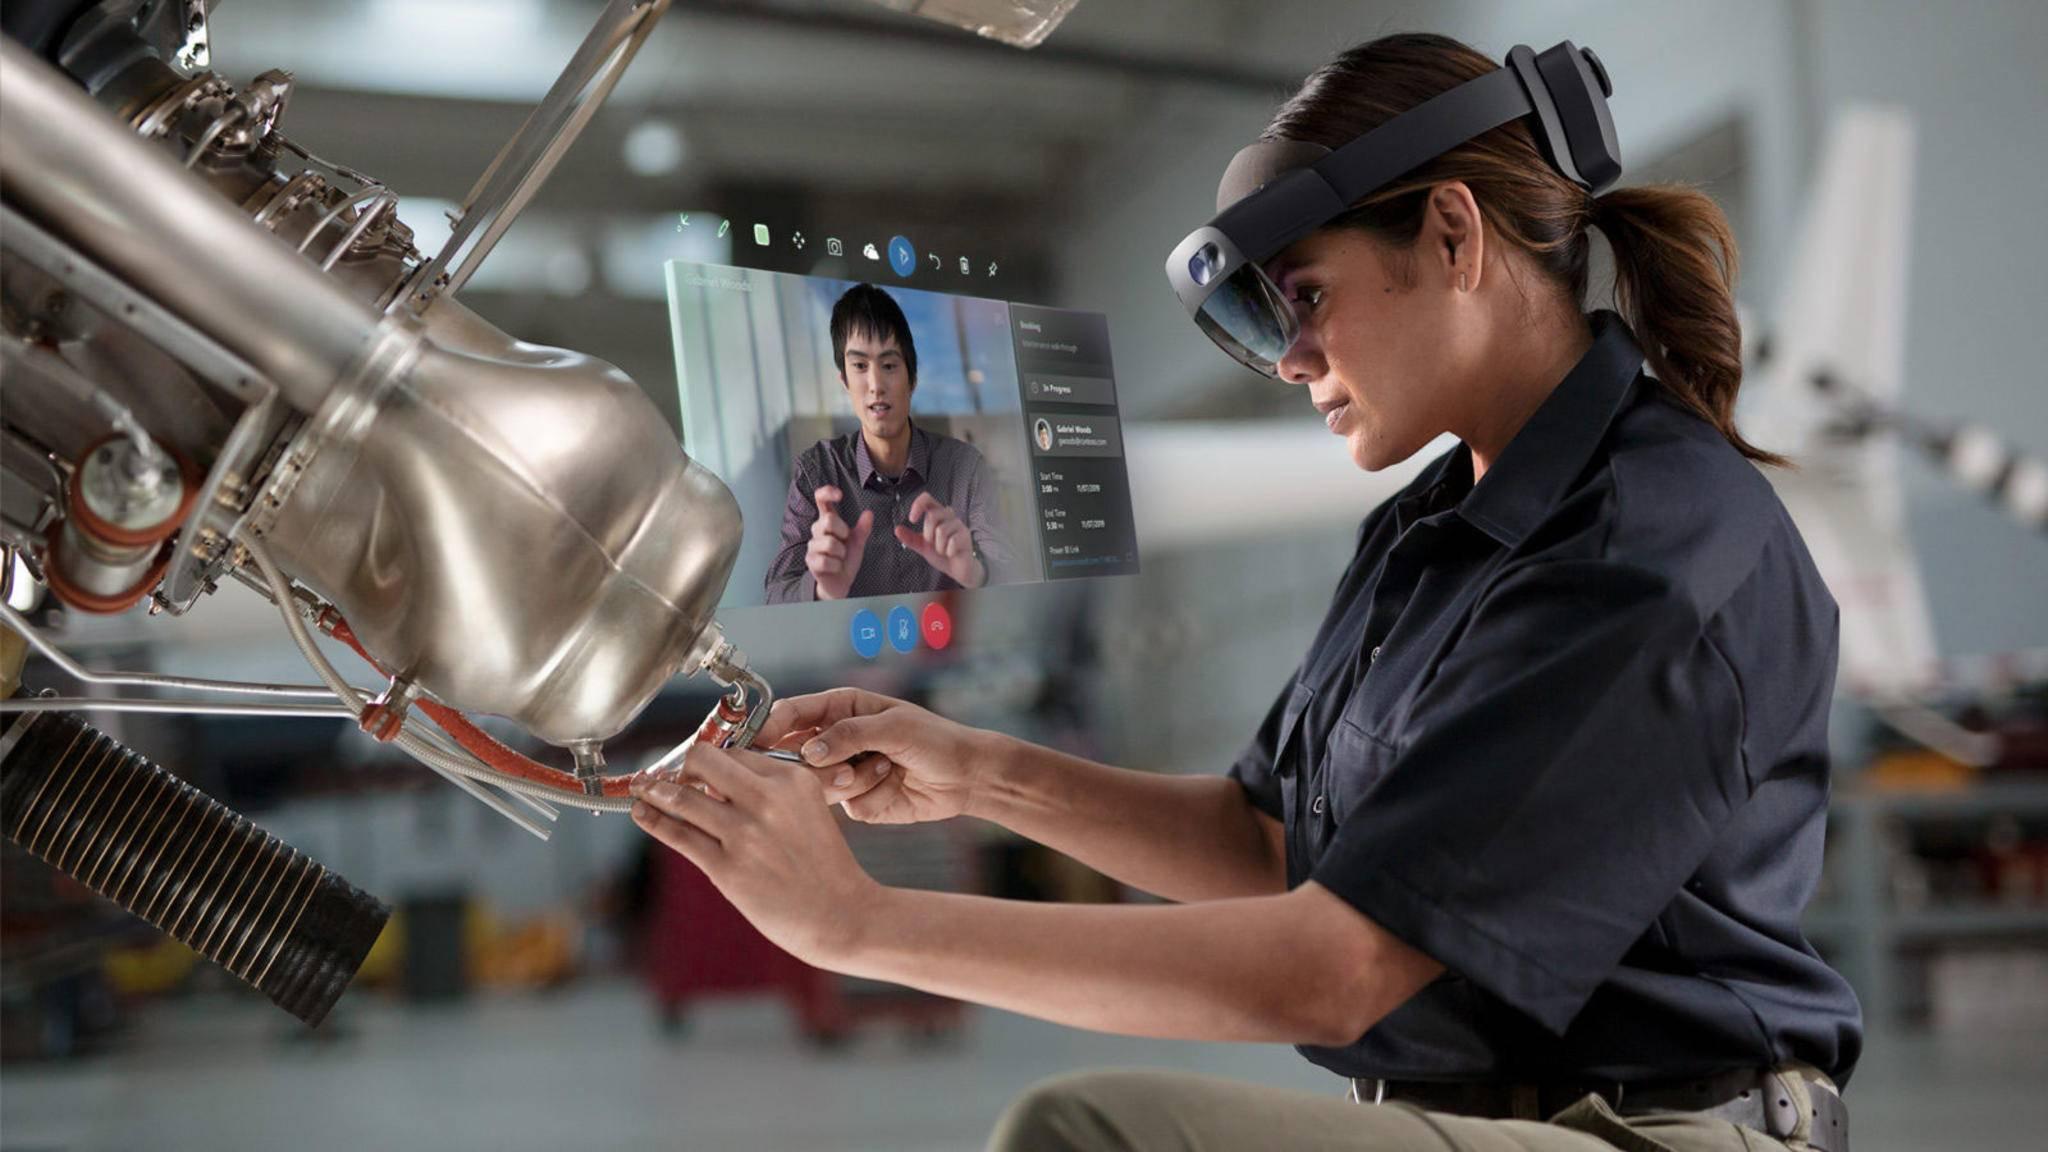 Die HoloLens 2 ist für professionelle Anwender vorgesehen.